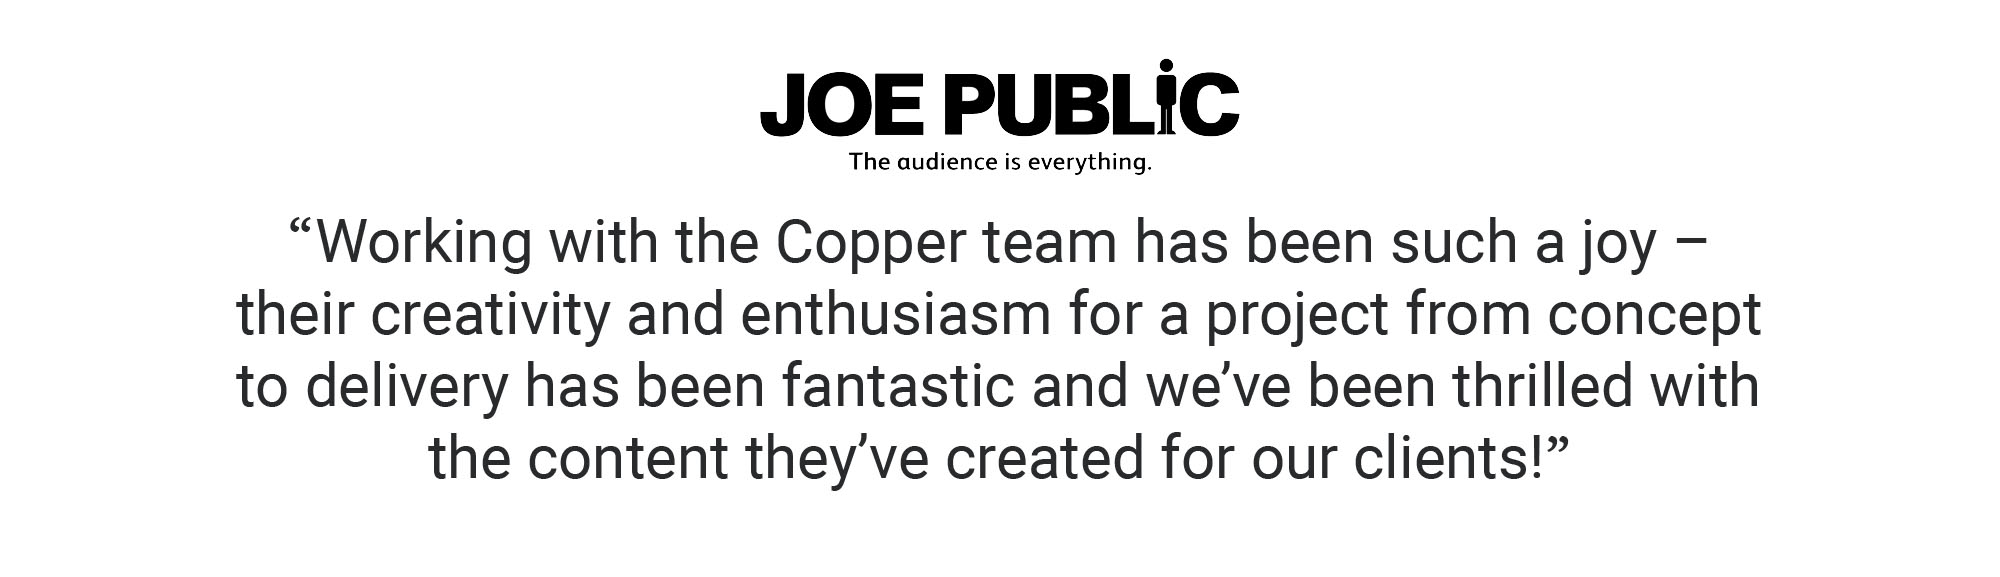 Joe Public Copper Productions Client Testimonial